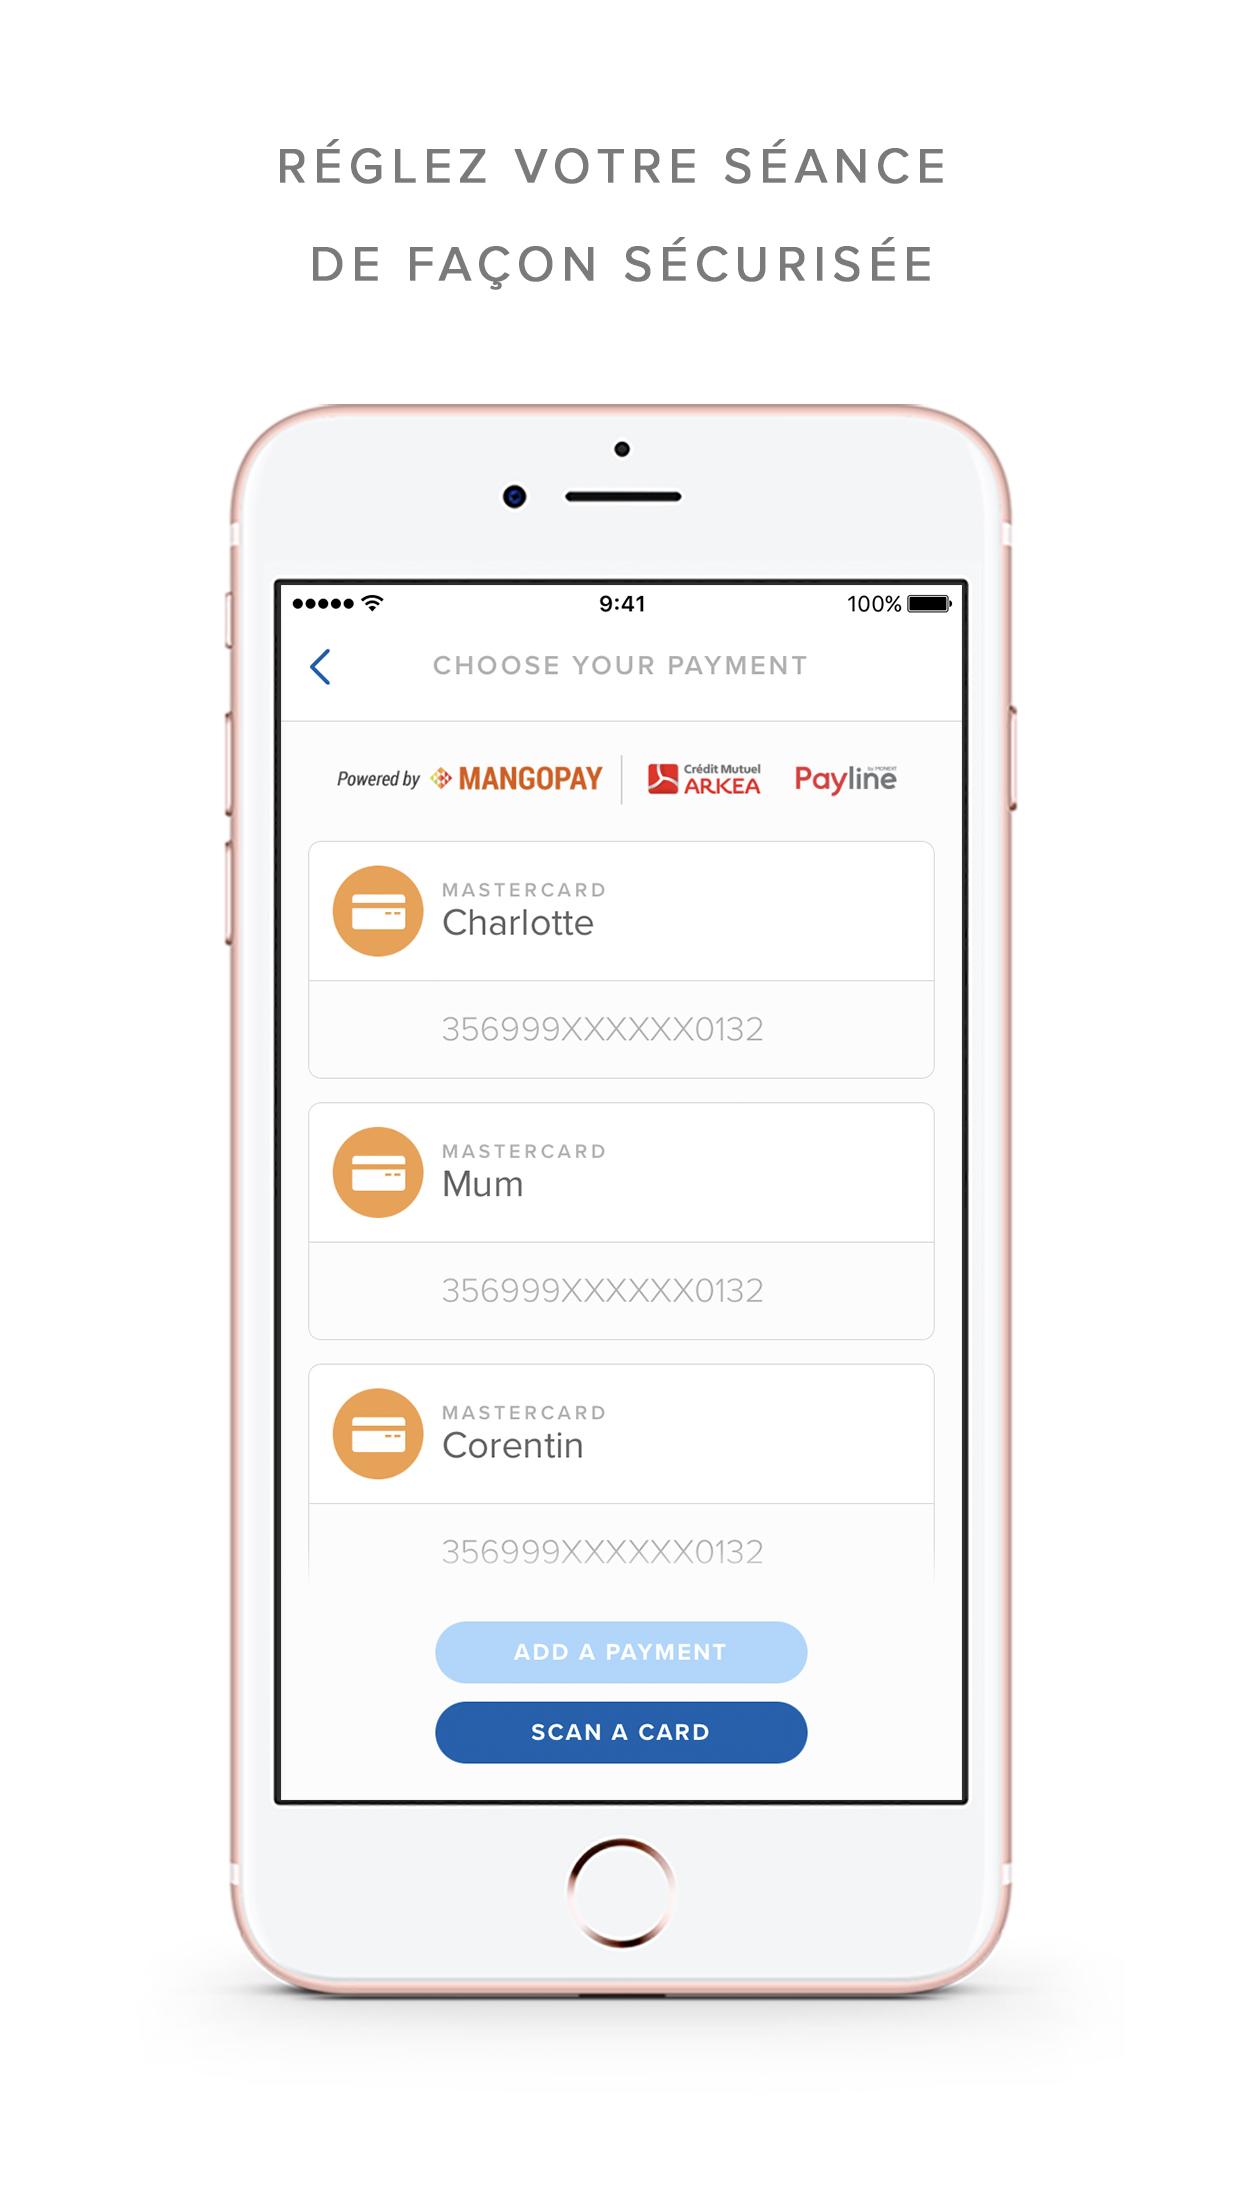 MAQUETTE_app_store-FR7. Paiement sécurisé FR copie 2.jpg